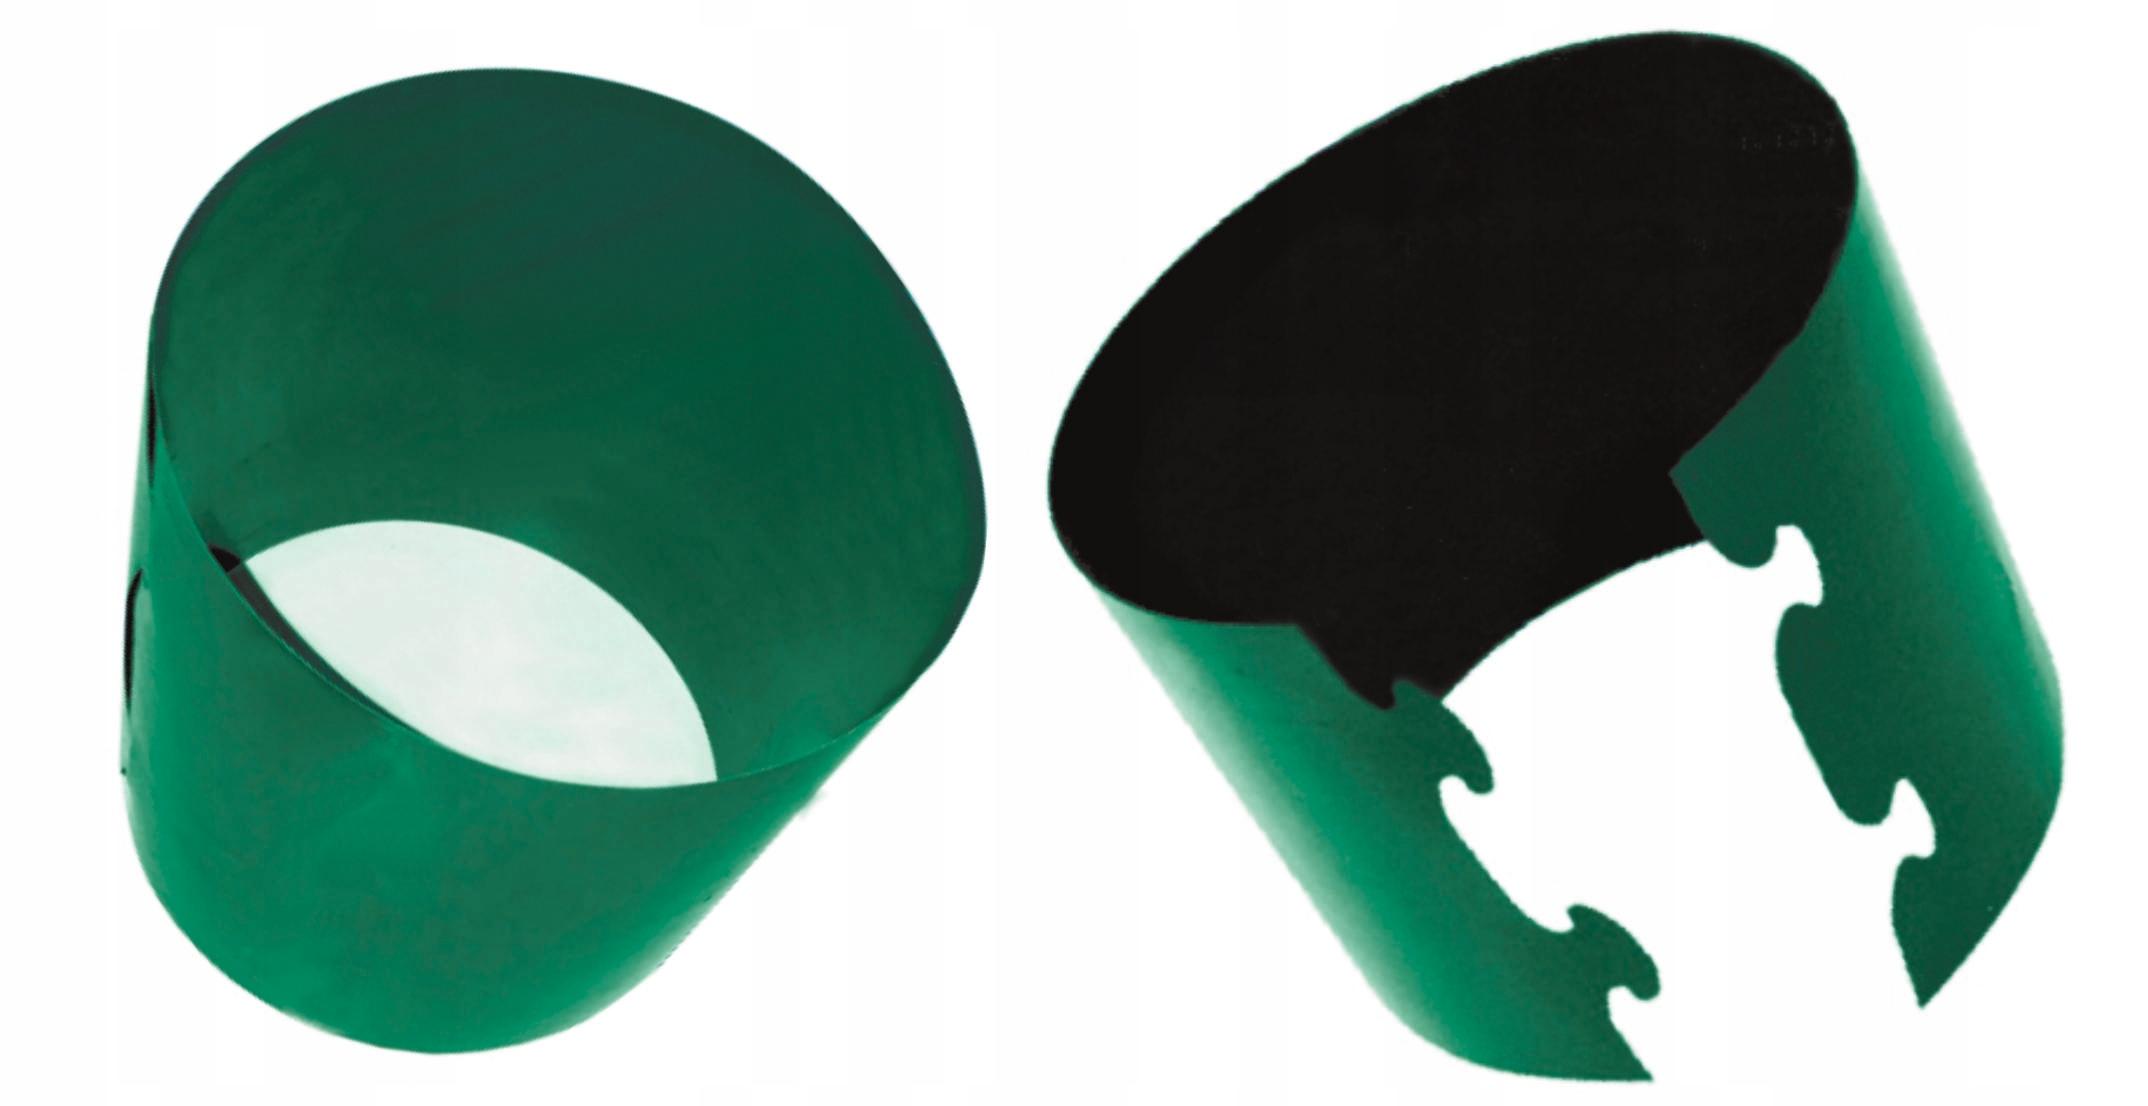 Цилиндры для огурцов и помидоров, диаметр 20 см.